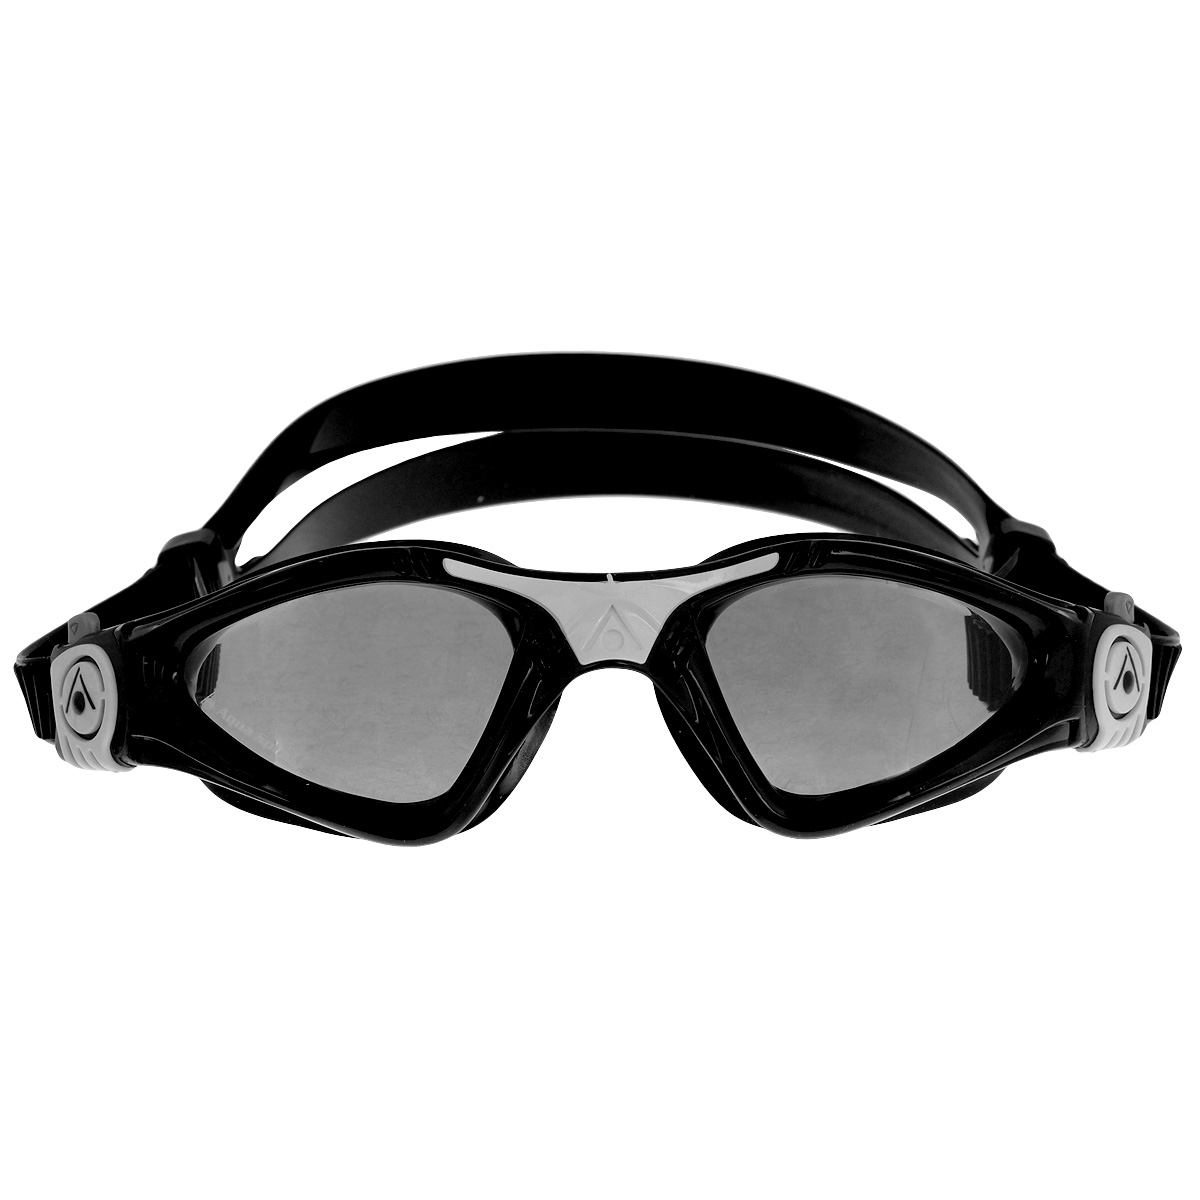 Очки для плавания Aqua Sphere Kayenne Small, цвет: черный, белыйJ504N-9093Детские очки для плавания Aqua Sphere Kayenne Small идеально подходят для плавания в бассейне или открытой воде. Оснащены линзами с антизапотевающим покрытием, которые устойчивы к появлению царапин. Мягкий комфортный обтюратор плотно прилегает к лицу.Запатентованные изогнутые линзы дают прекрасный обзор на 180° - без искажений. Рамка имеет гидродинамическую форму. Очки оснащены удобными быстрорегулируемыми пряжками.Детский вариант популярных очков для плавания Aqua Sphere Kayenne сохраняет все лучшее от взрослой модели:мягкую не травмирующую обтюрациюувеличенную линзуудобную регулировку ремешковРасцветка и дизайн обязательно понравятся вашему ребенку!Материал: софтерил, plexisol.